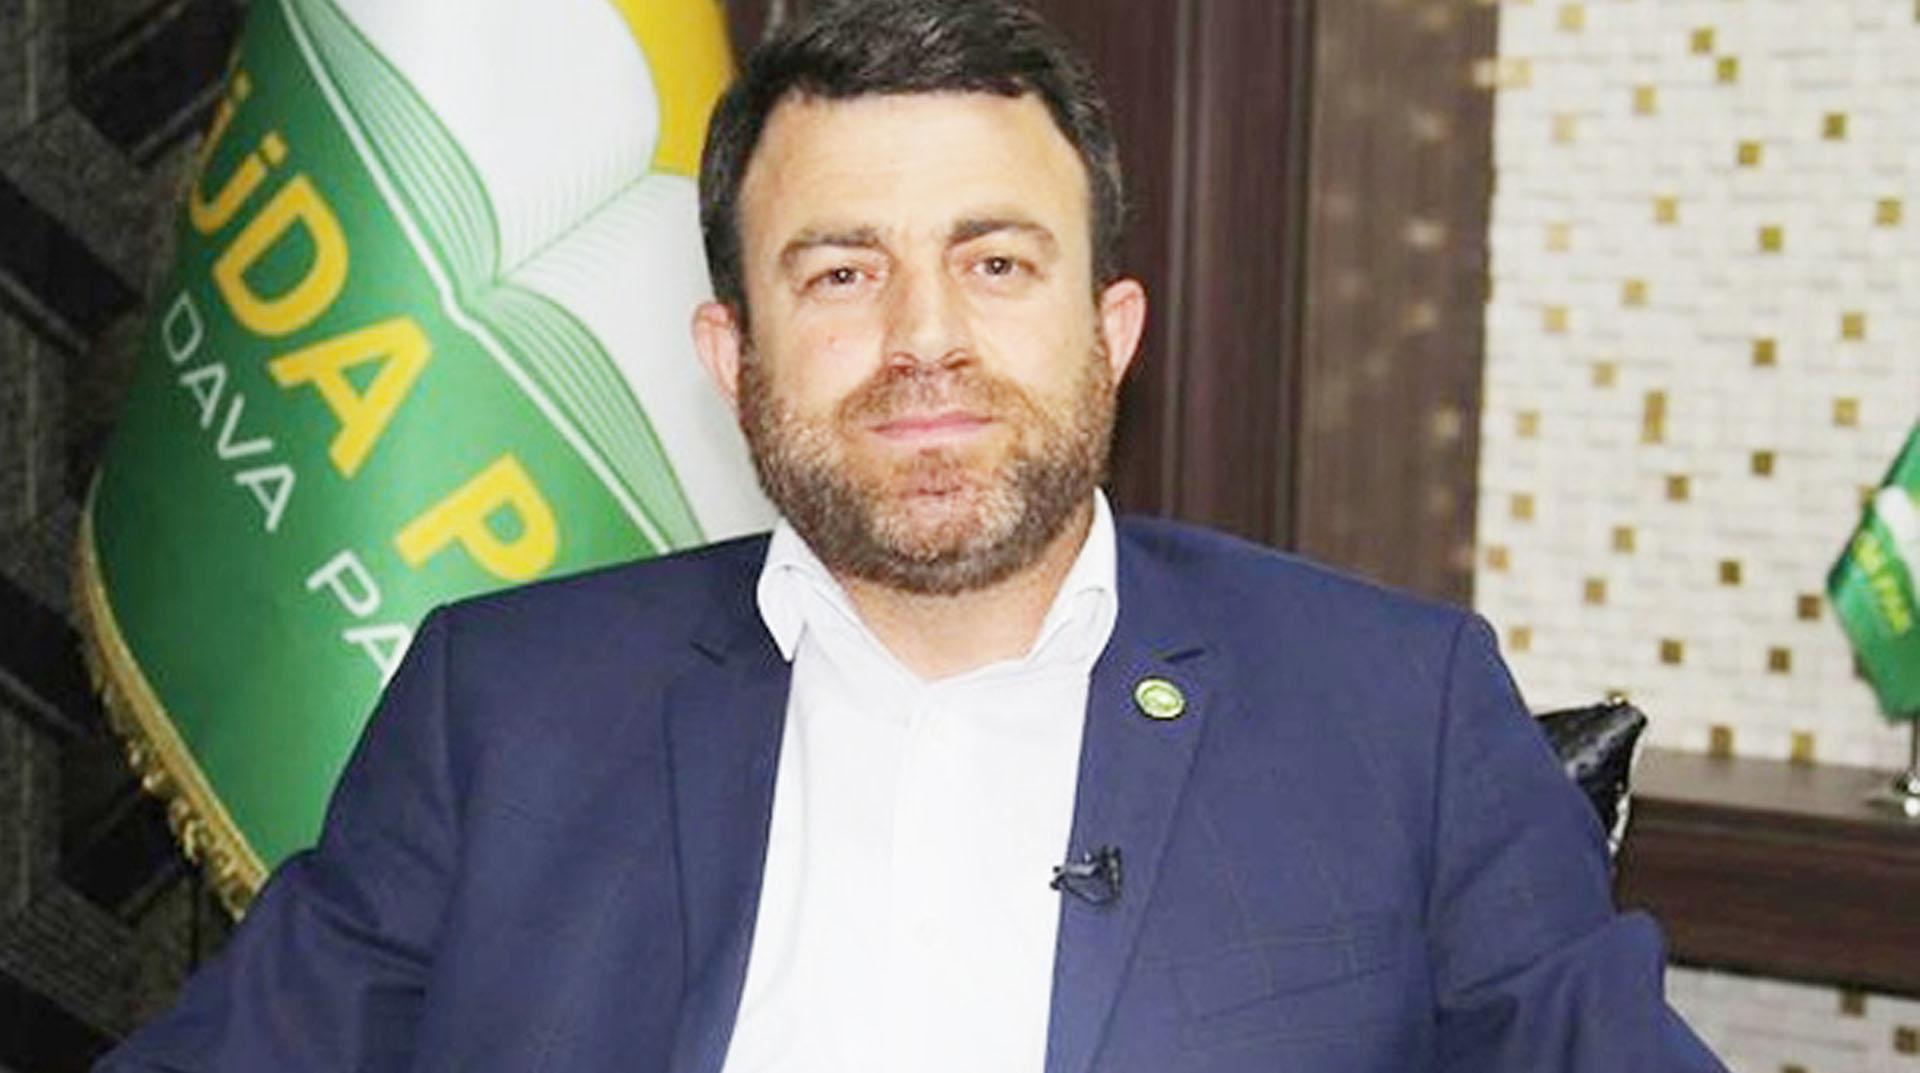 Hüdapar Genel Başkan Yardımcısı Mehmet Yavuz Vefat Etti